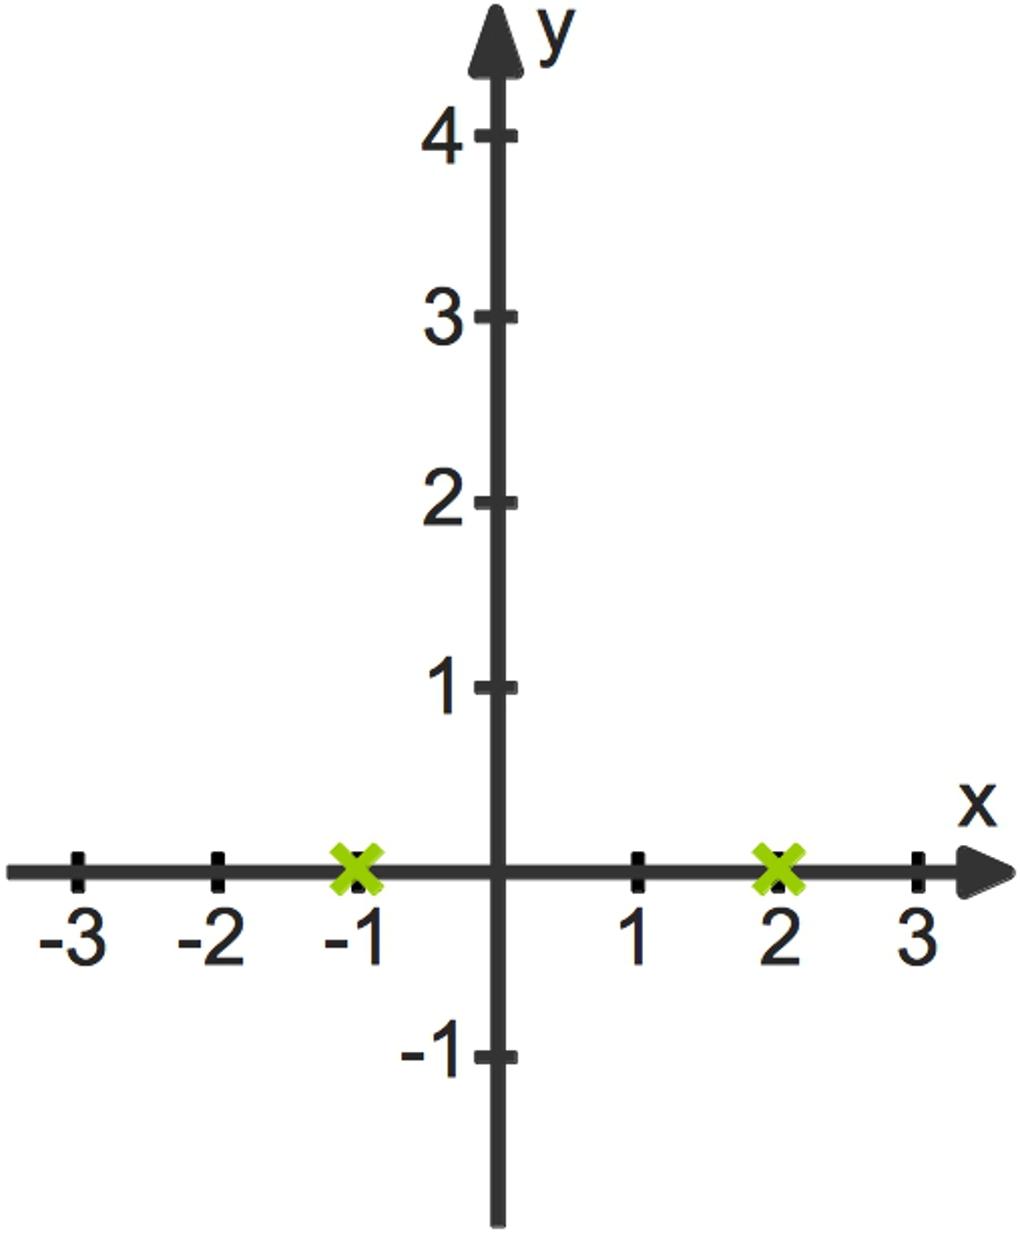 1041_x_3-4x_2_4_1.jpg